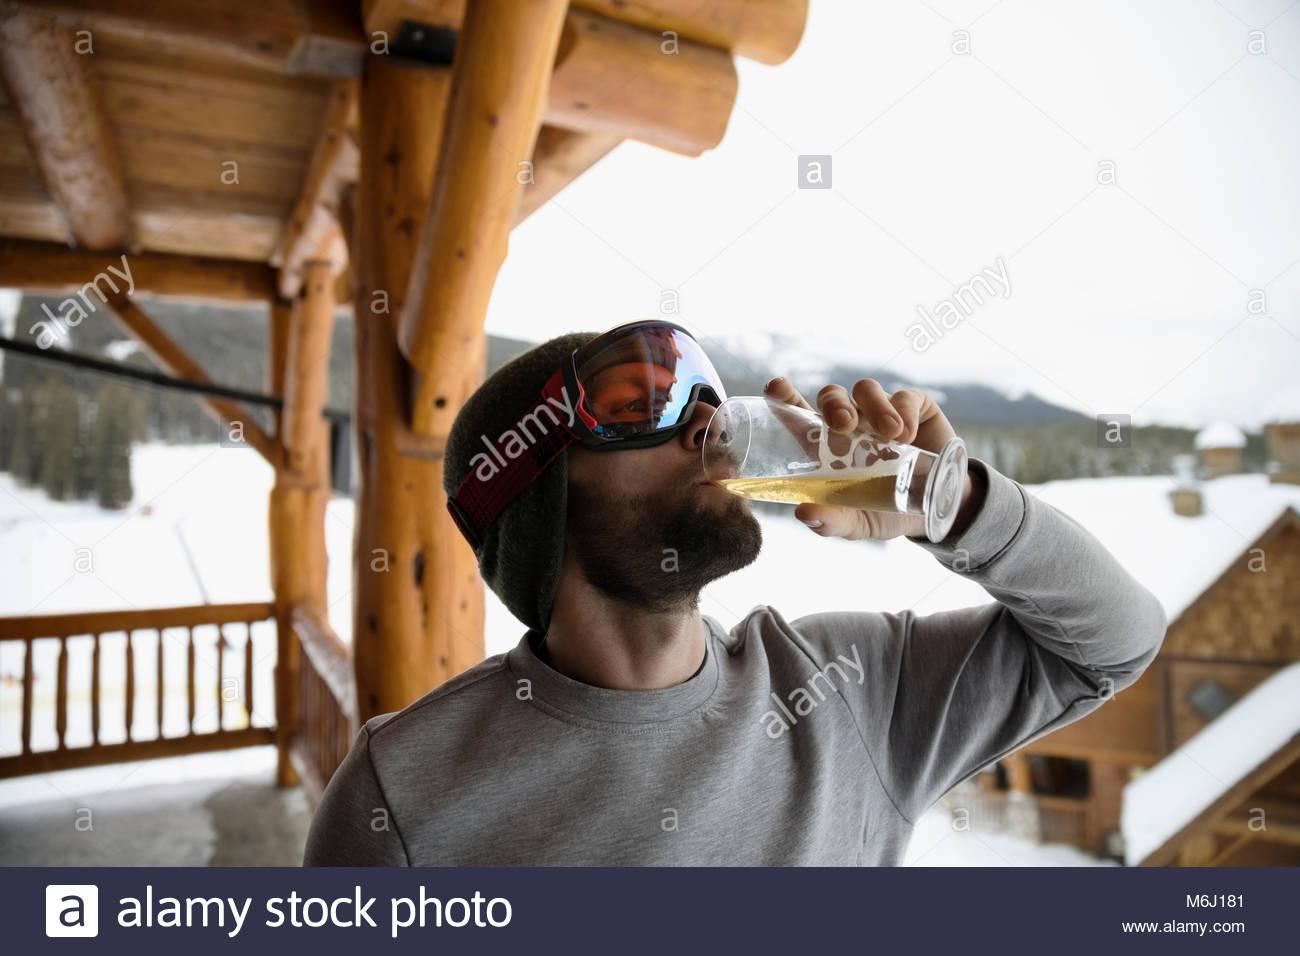 Male skier in ski goggles enjoying apres-ski, drinking beer on snowy ski resort lodge balcony - Stock Image